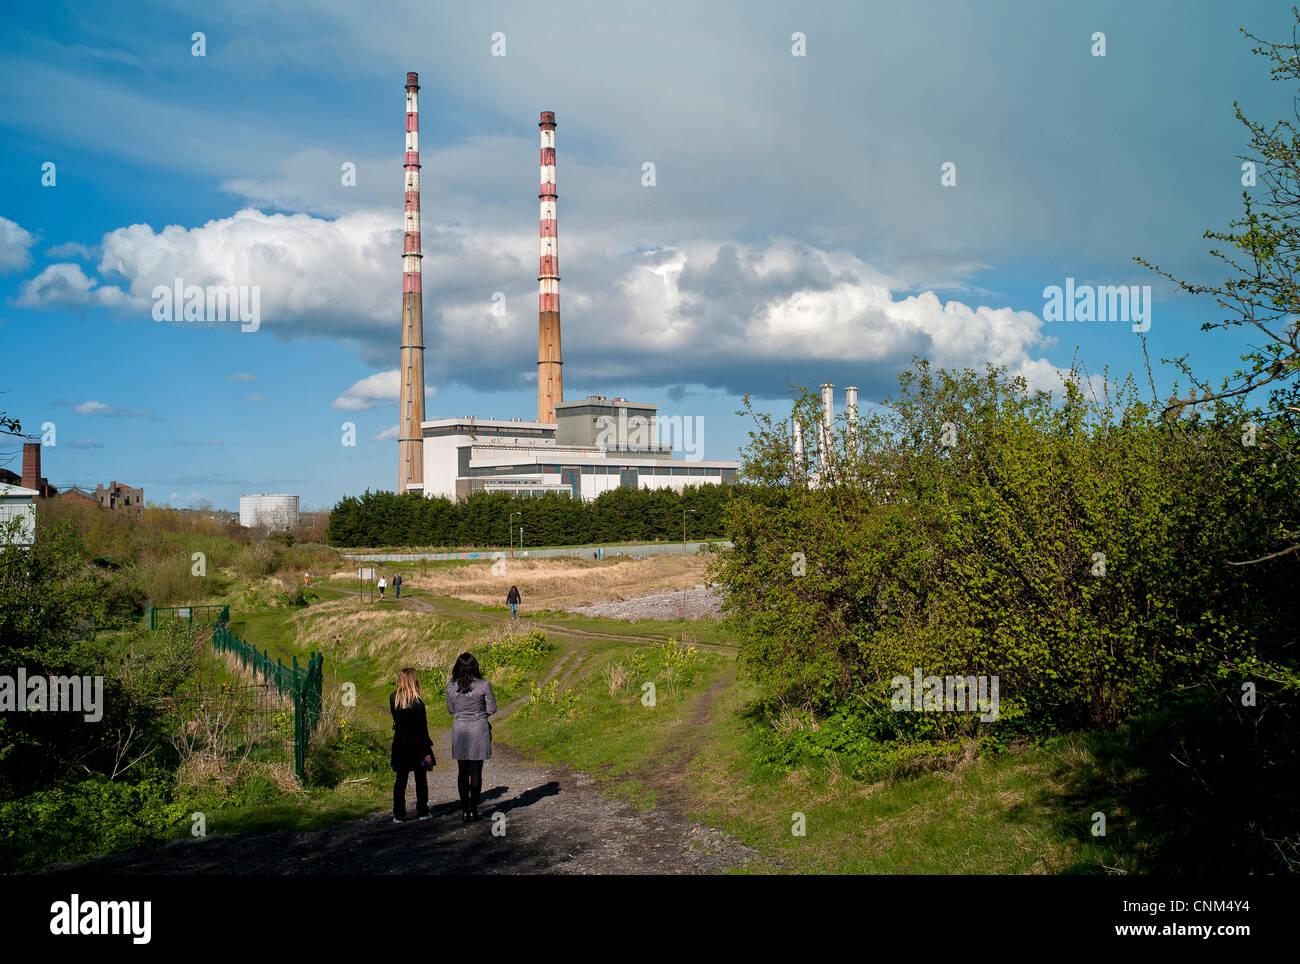 La estación generadora Poolbeg en Dublín Irlanda Foto de stock